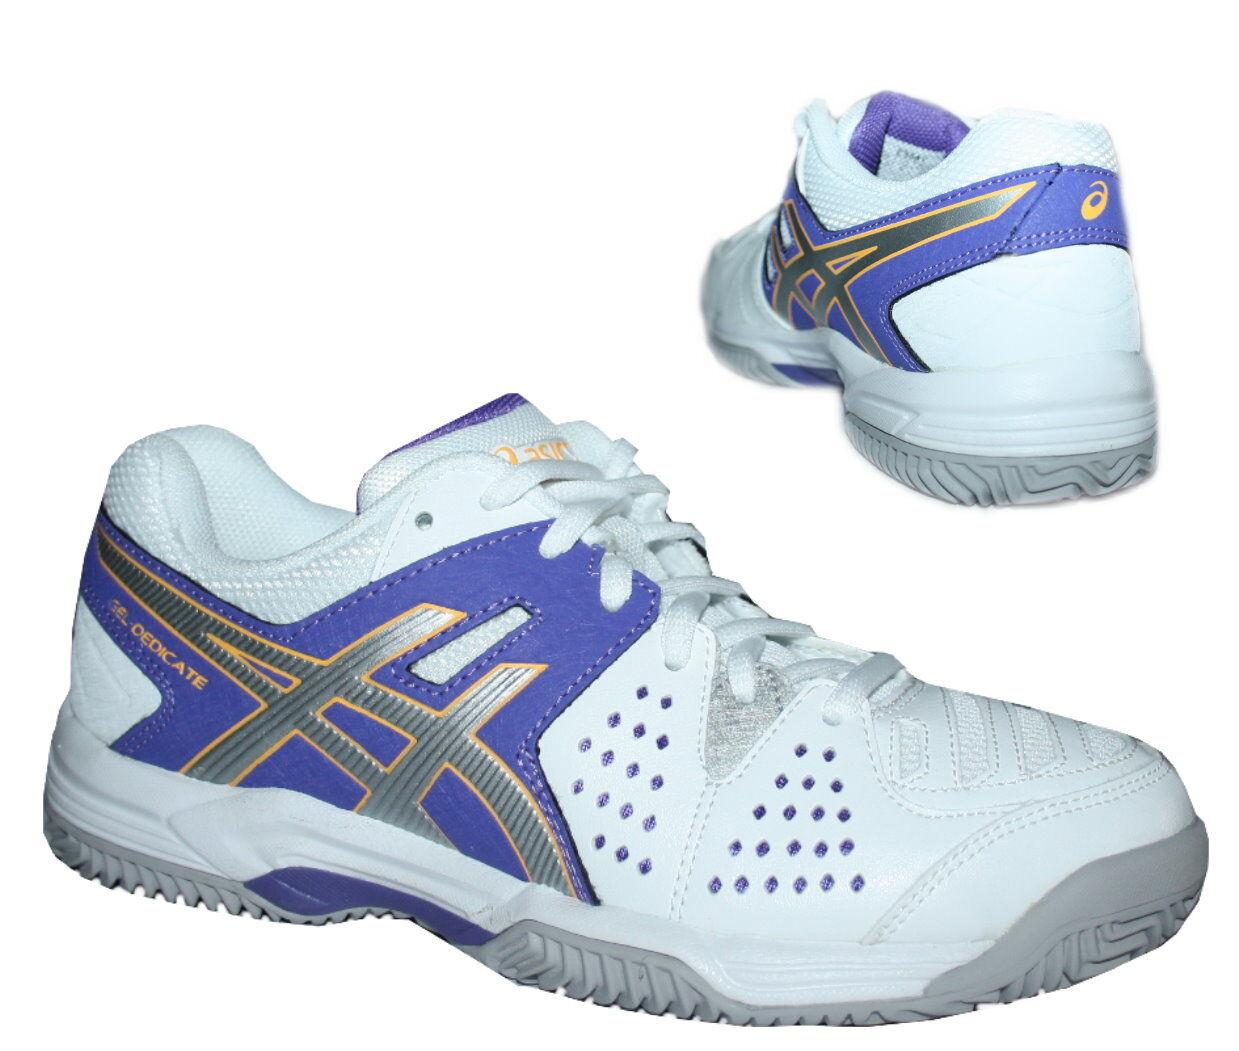 Asics Asics Asics Gel-Dedicate 4 Clay Damen Hallenschuhe Tennisschuhe Sportschuhe weiß 8d946f